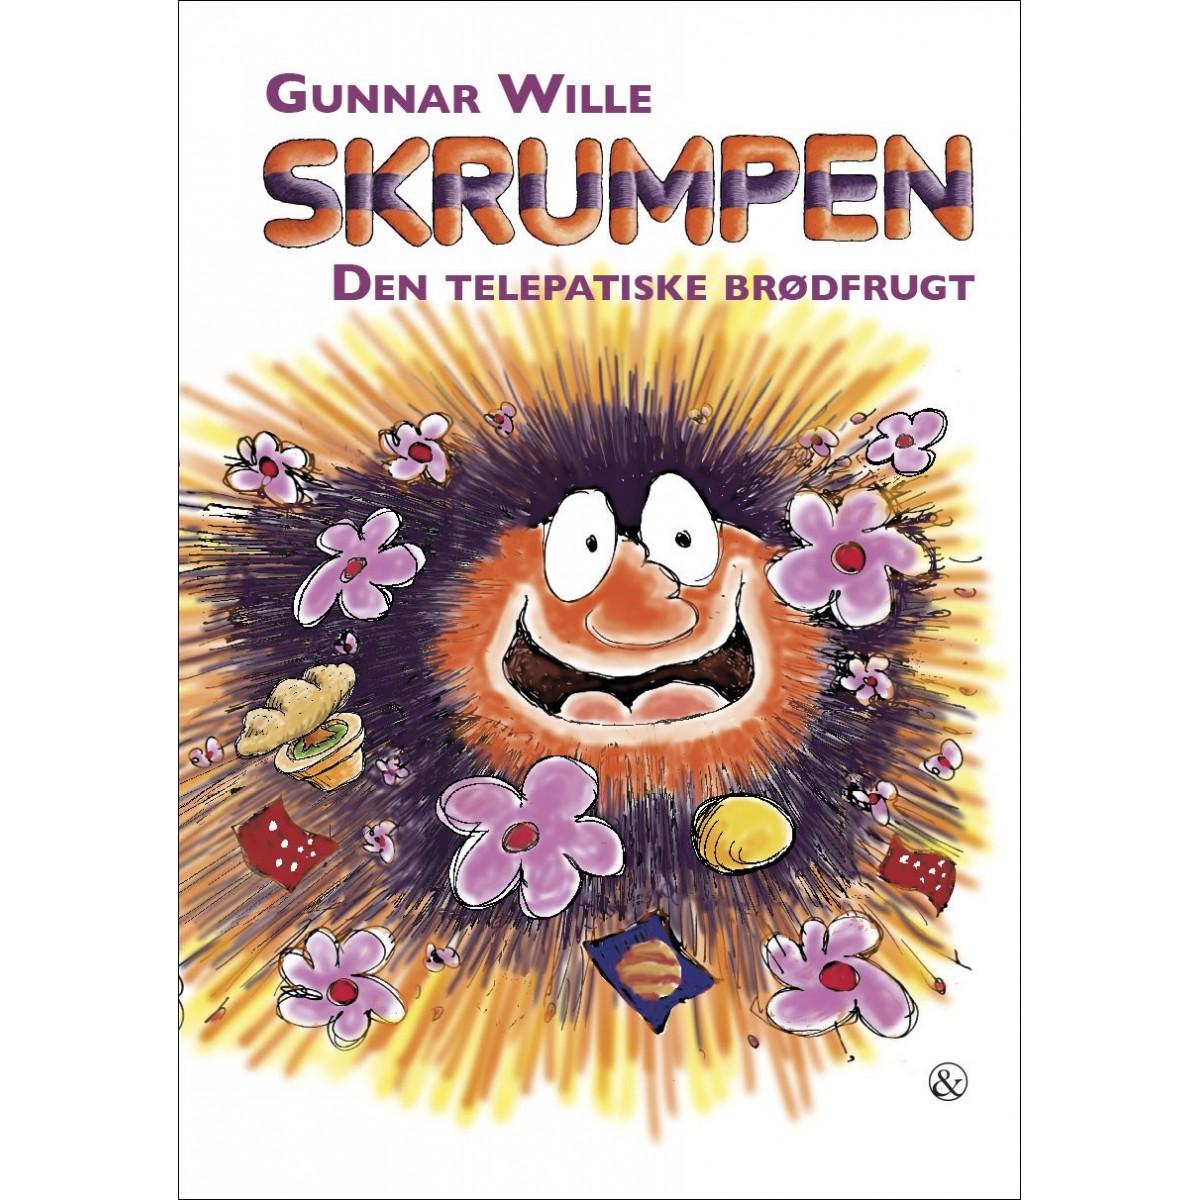 Gunnar Wille: Skrumpen - Den telepatiske brødfrugt